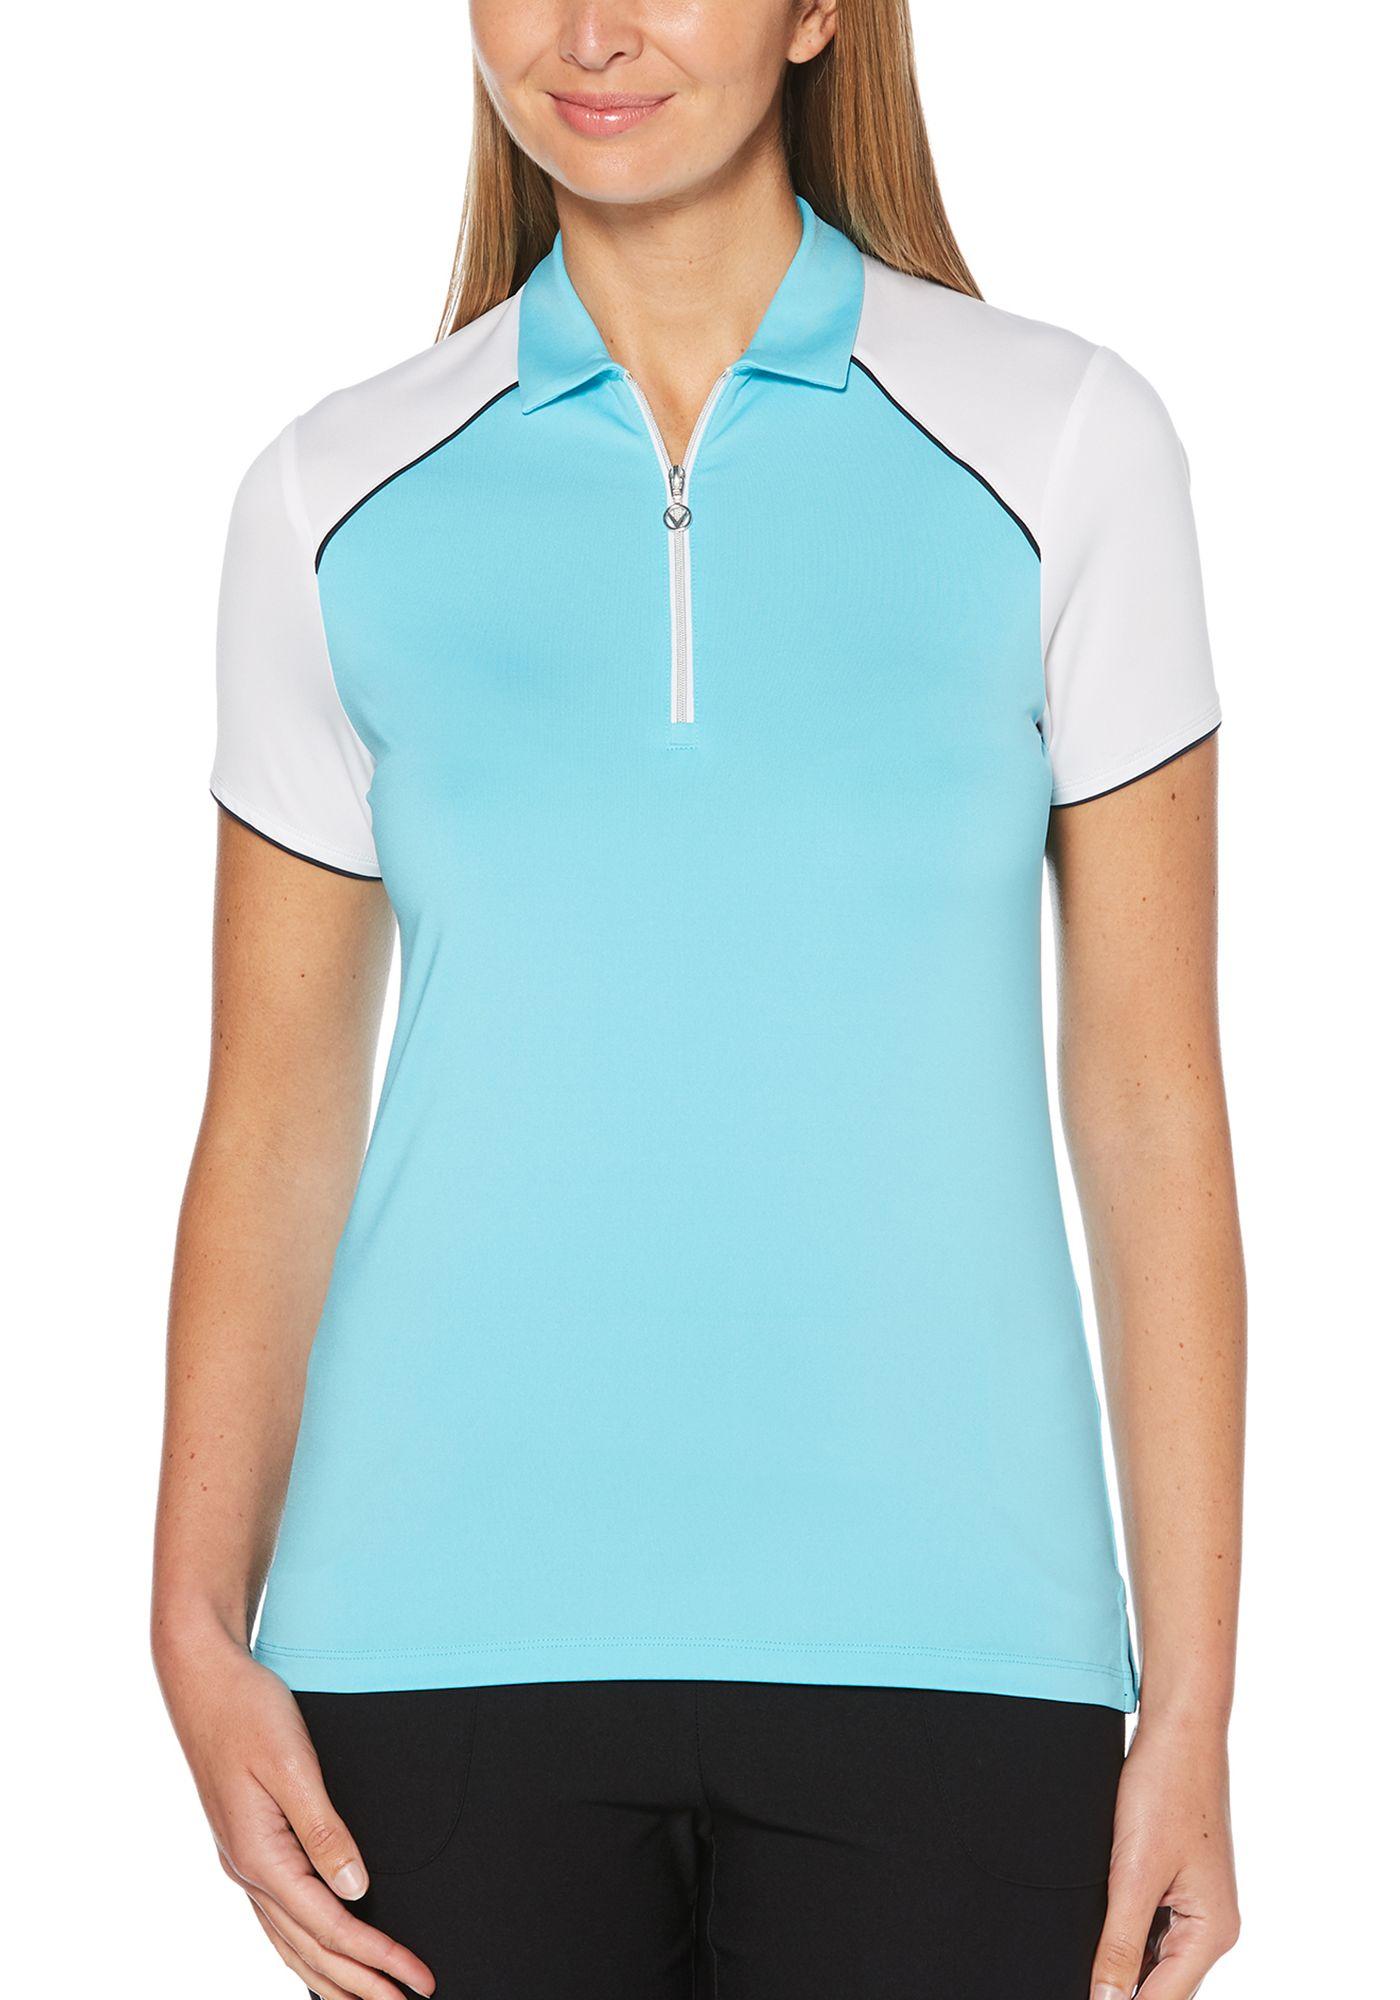 Callaway Women's 1/4 Zip Color Block Golf Polo